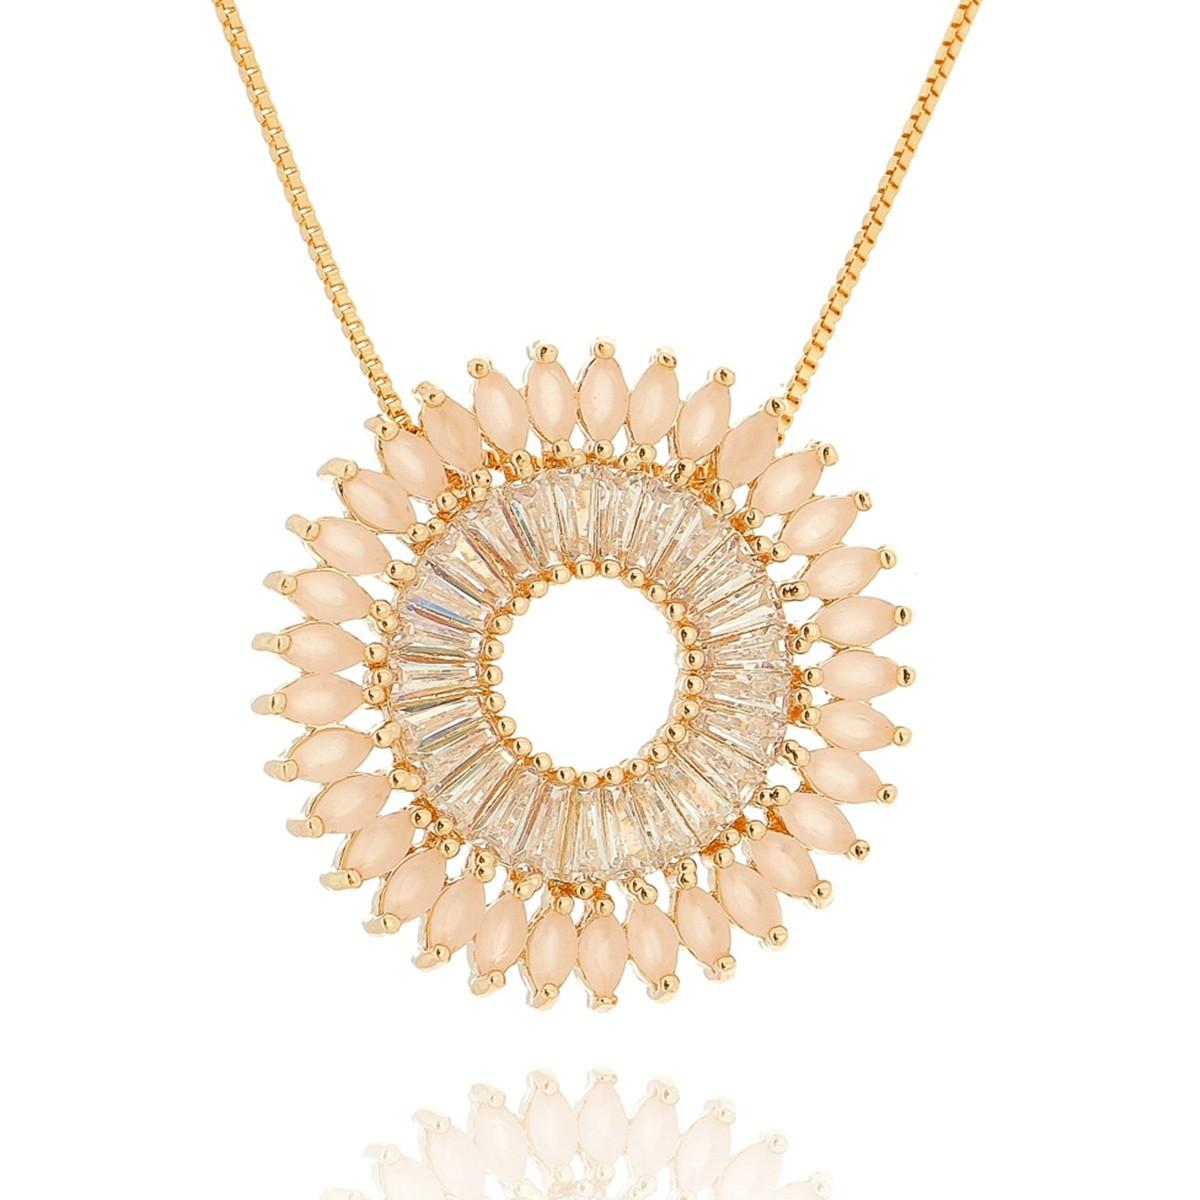 Mandala de Zircônias Quartzo Rosa Leitoso e Branca Brilhante Semijoia em  Ouro 18K - SOLOYOU ... 17de394ffd